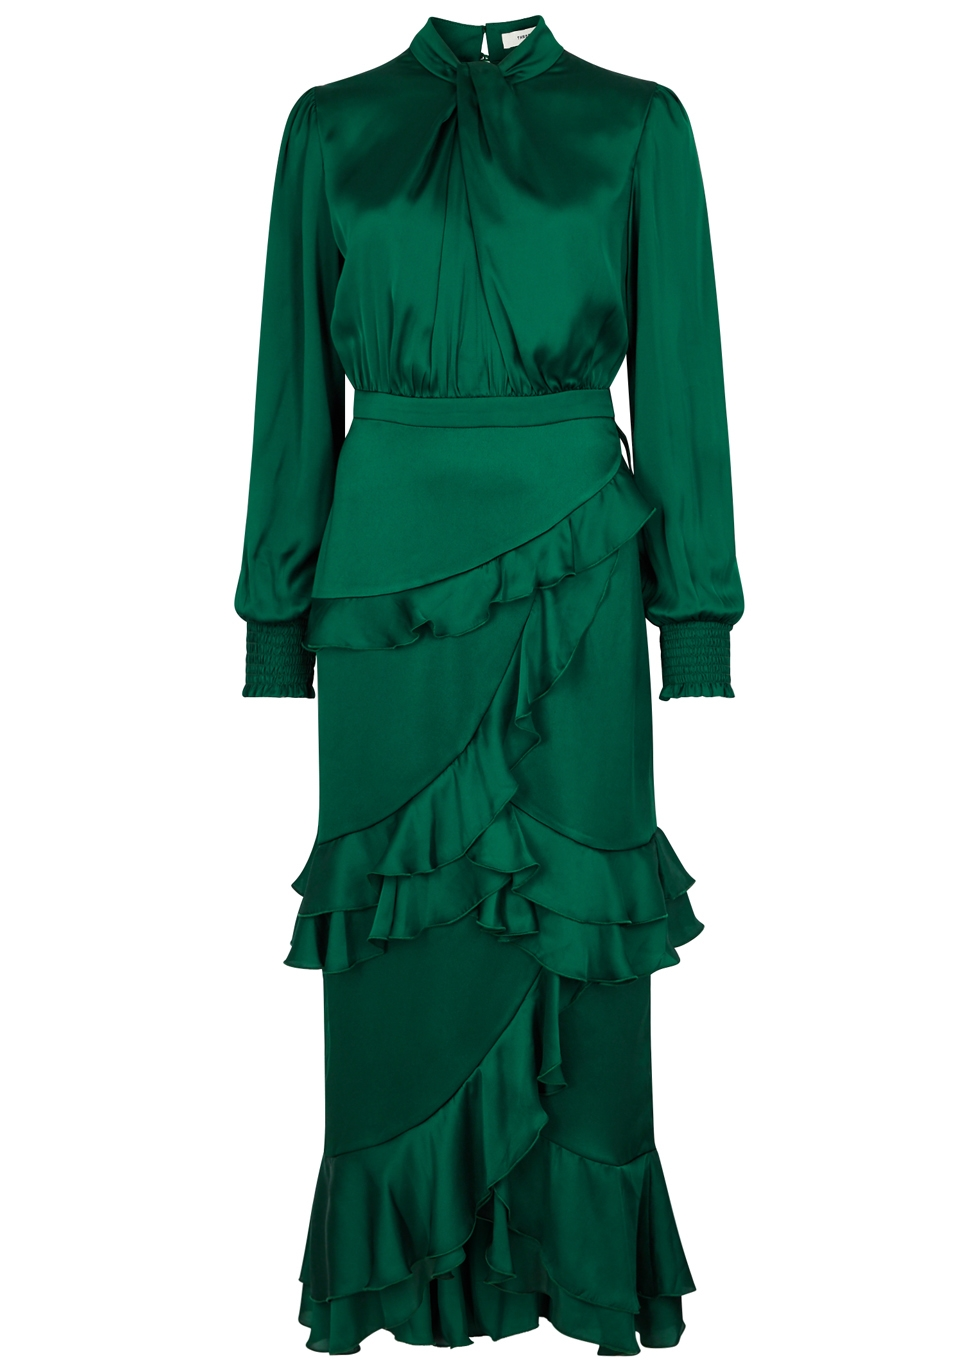 THREE FLOOR JEDI RUFFLE-TRIMMED SATIN DRESS